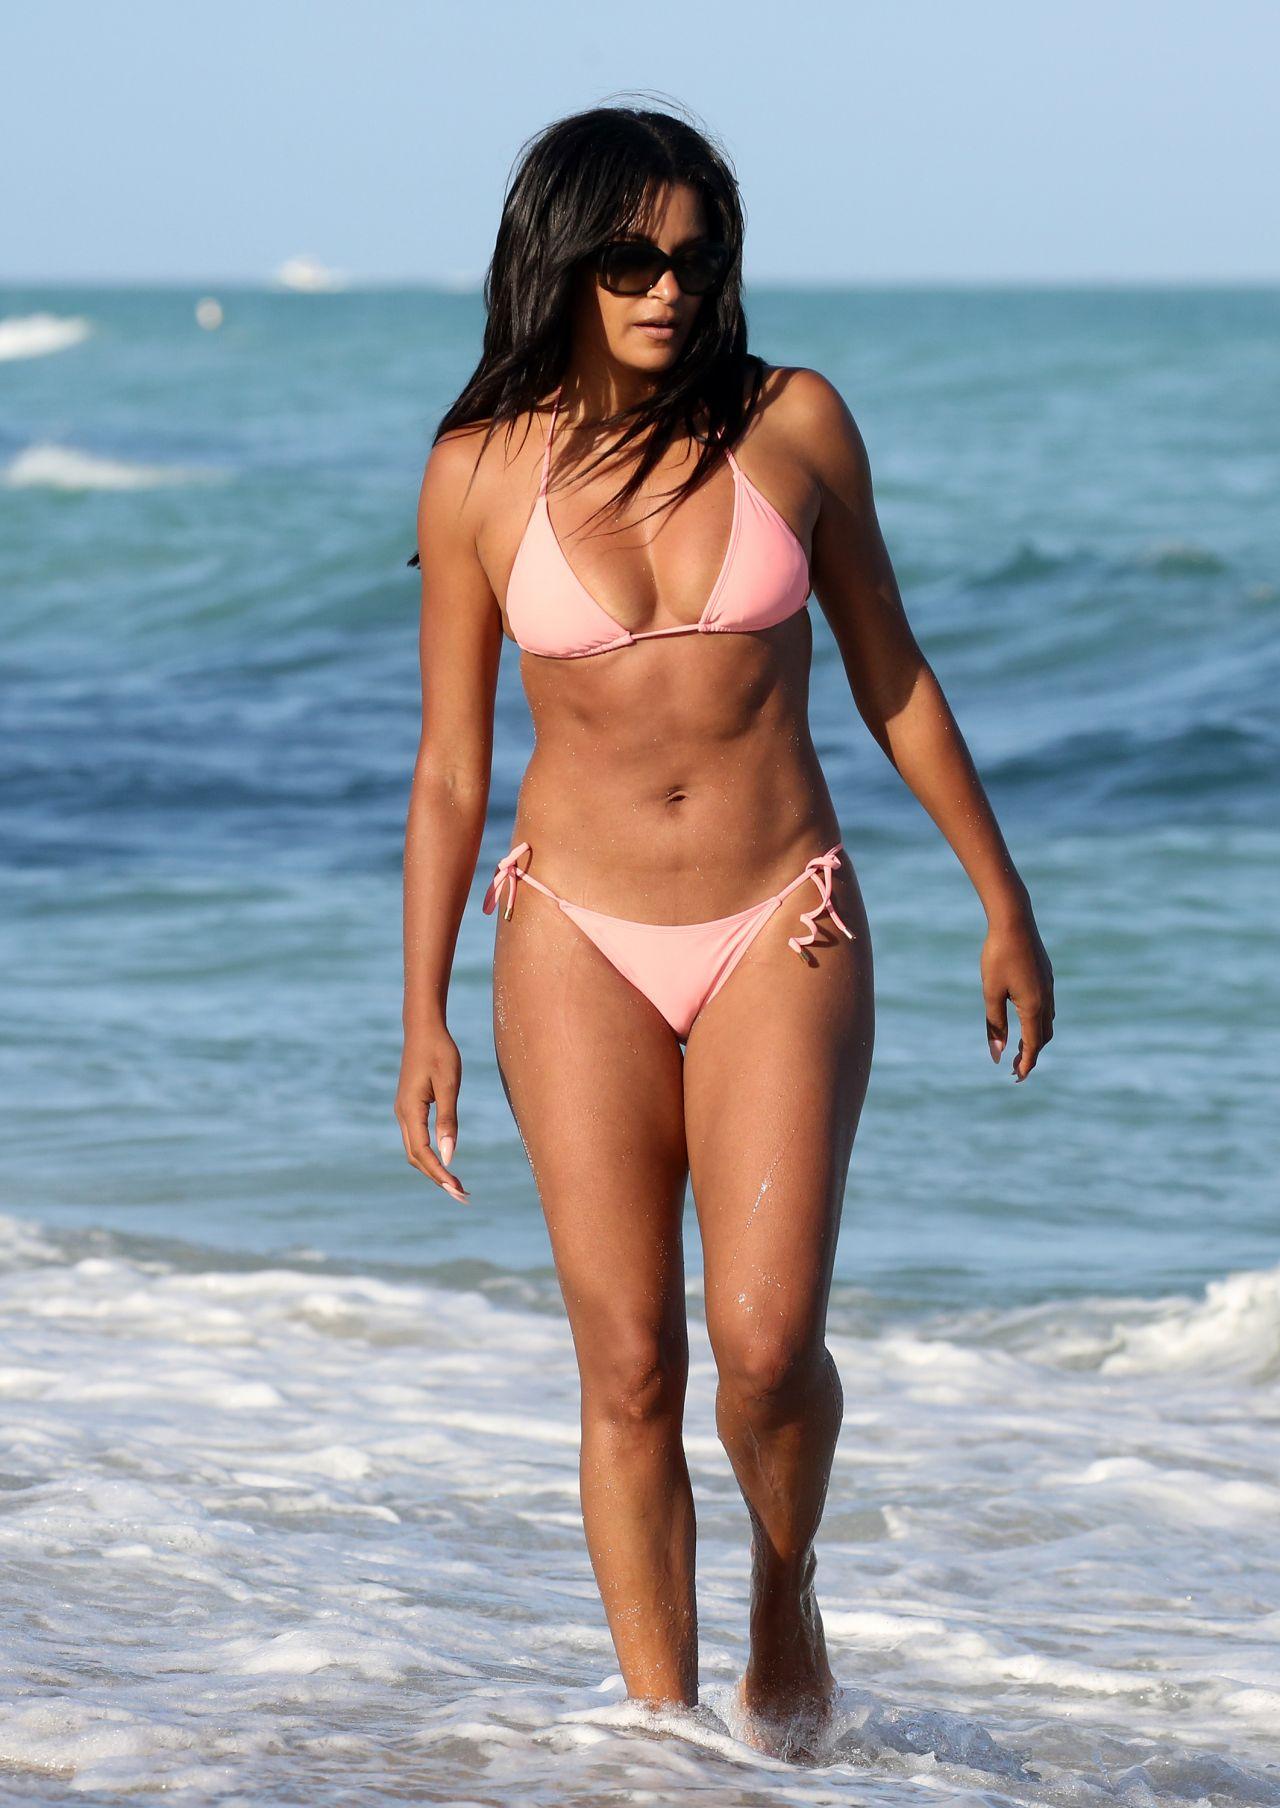 Claudia Jordan in Pink Bikini on the beach in Miami